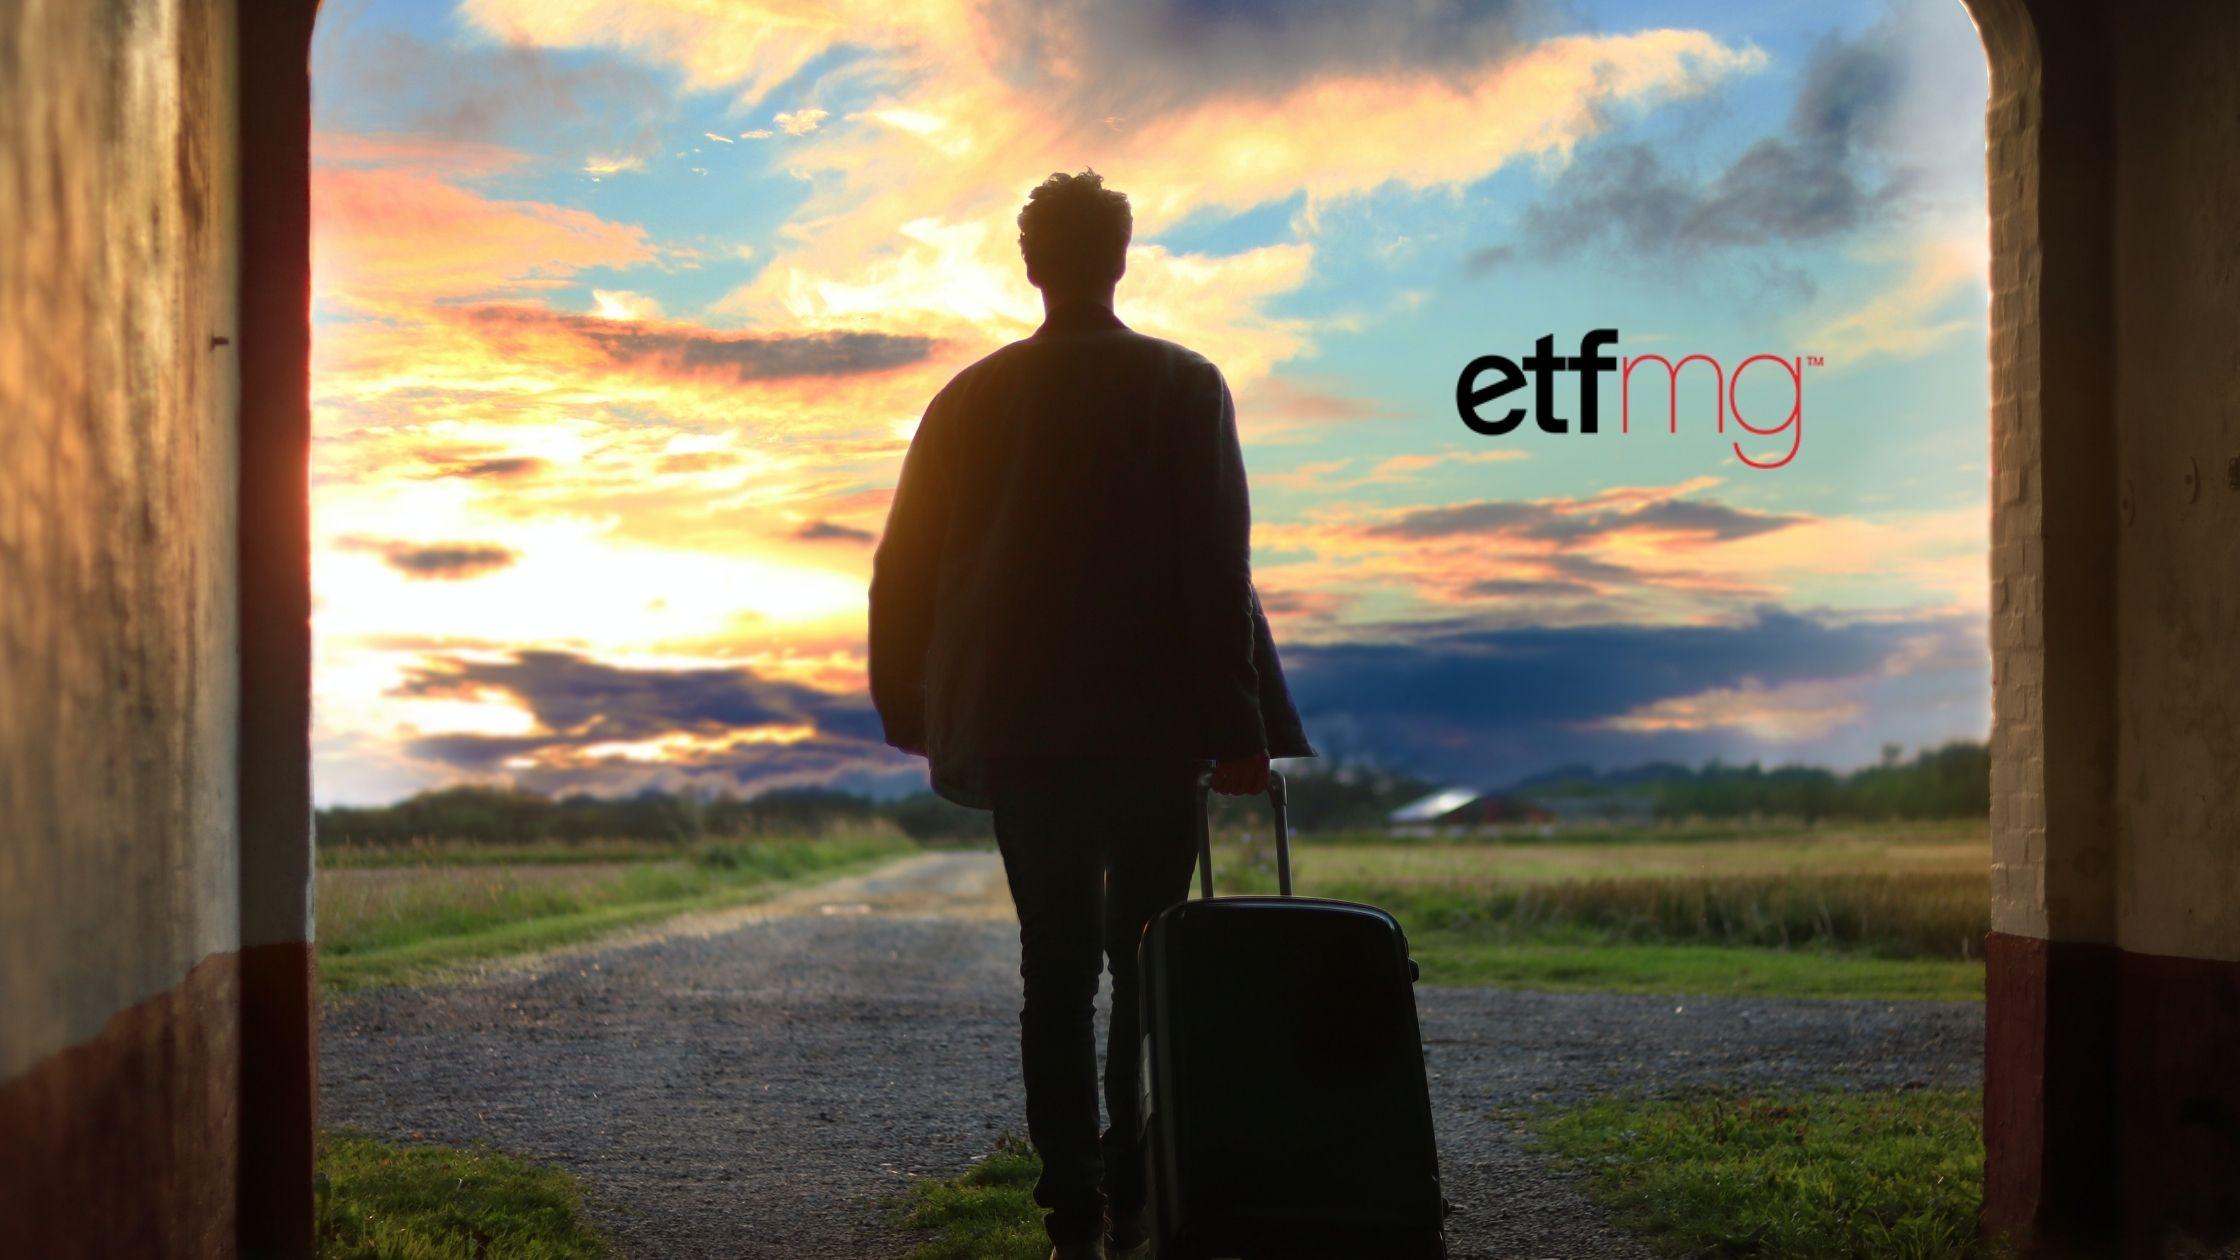 【ポストコロナ】旅行系テック企業を集めたETFのAWAYとは?